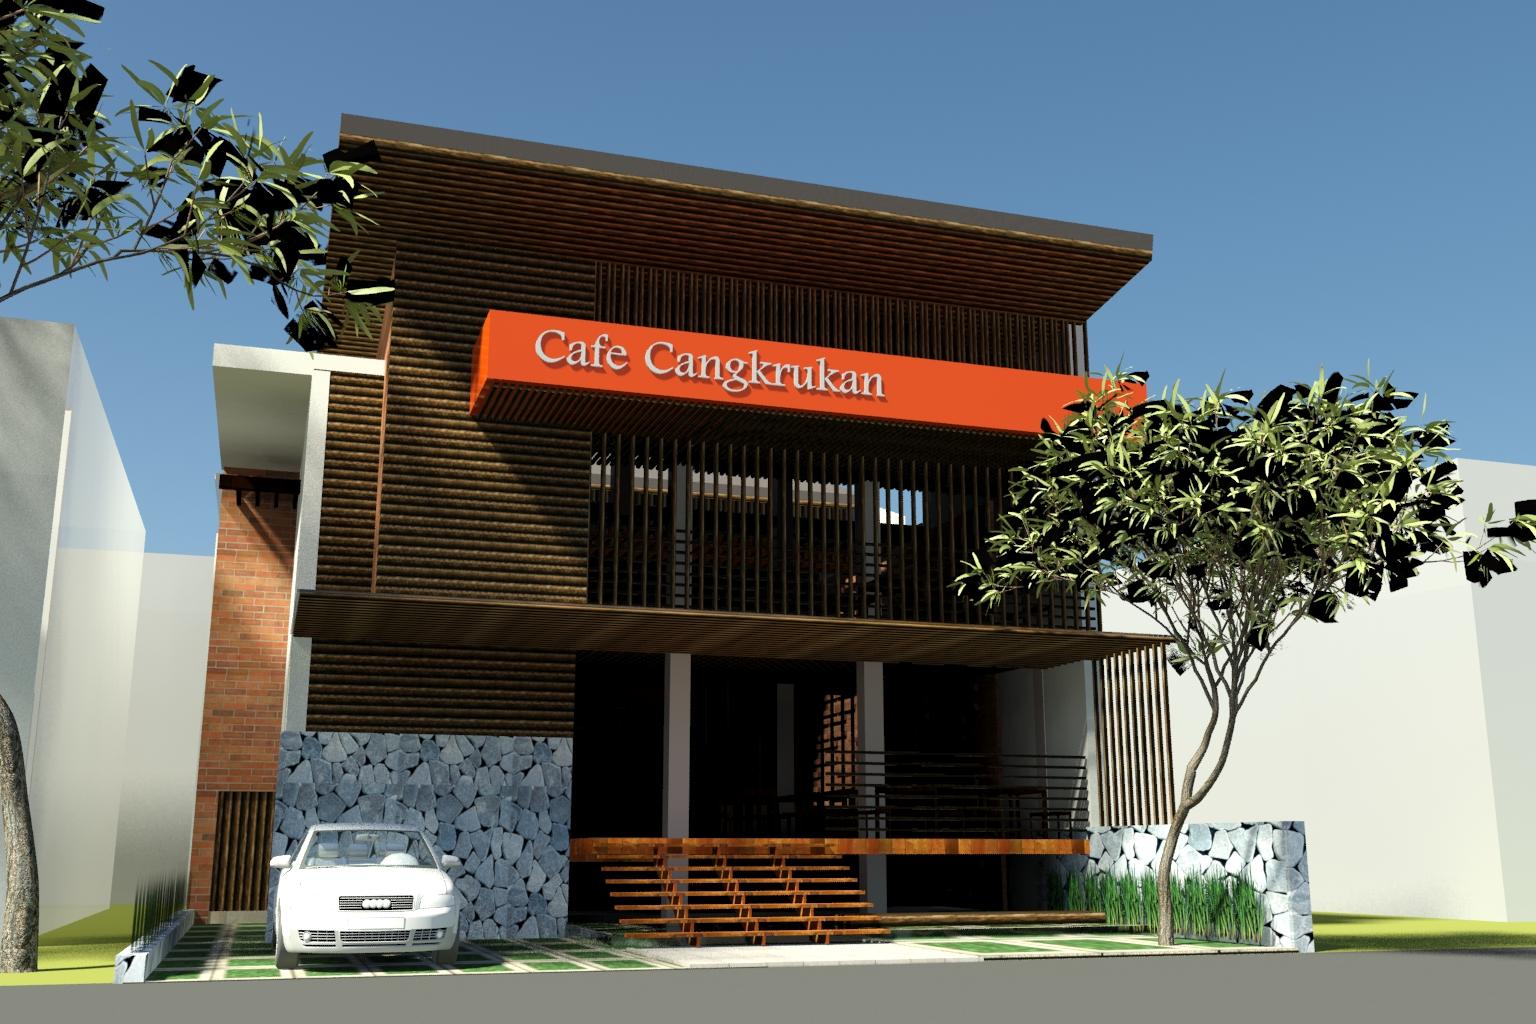 DIWANGKORO ARSITEK Konsultasi Gratis DESAIN RUMAH MAKAN CAFE CANGKRUKAN